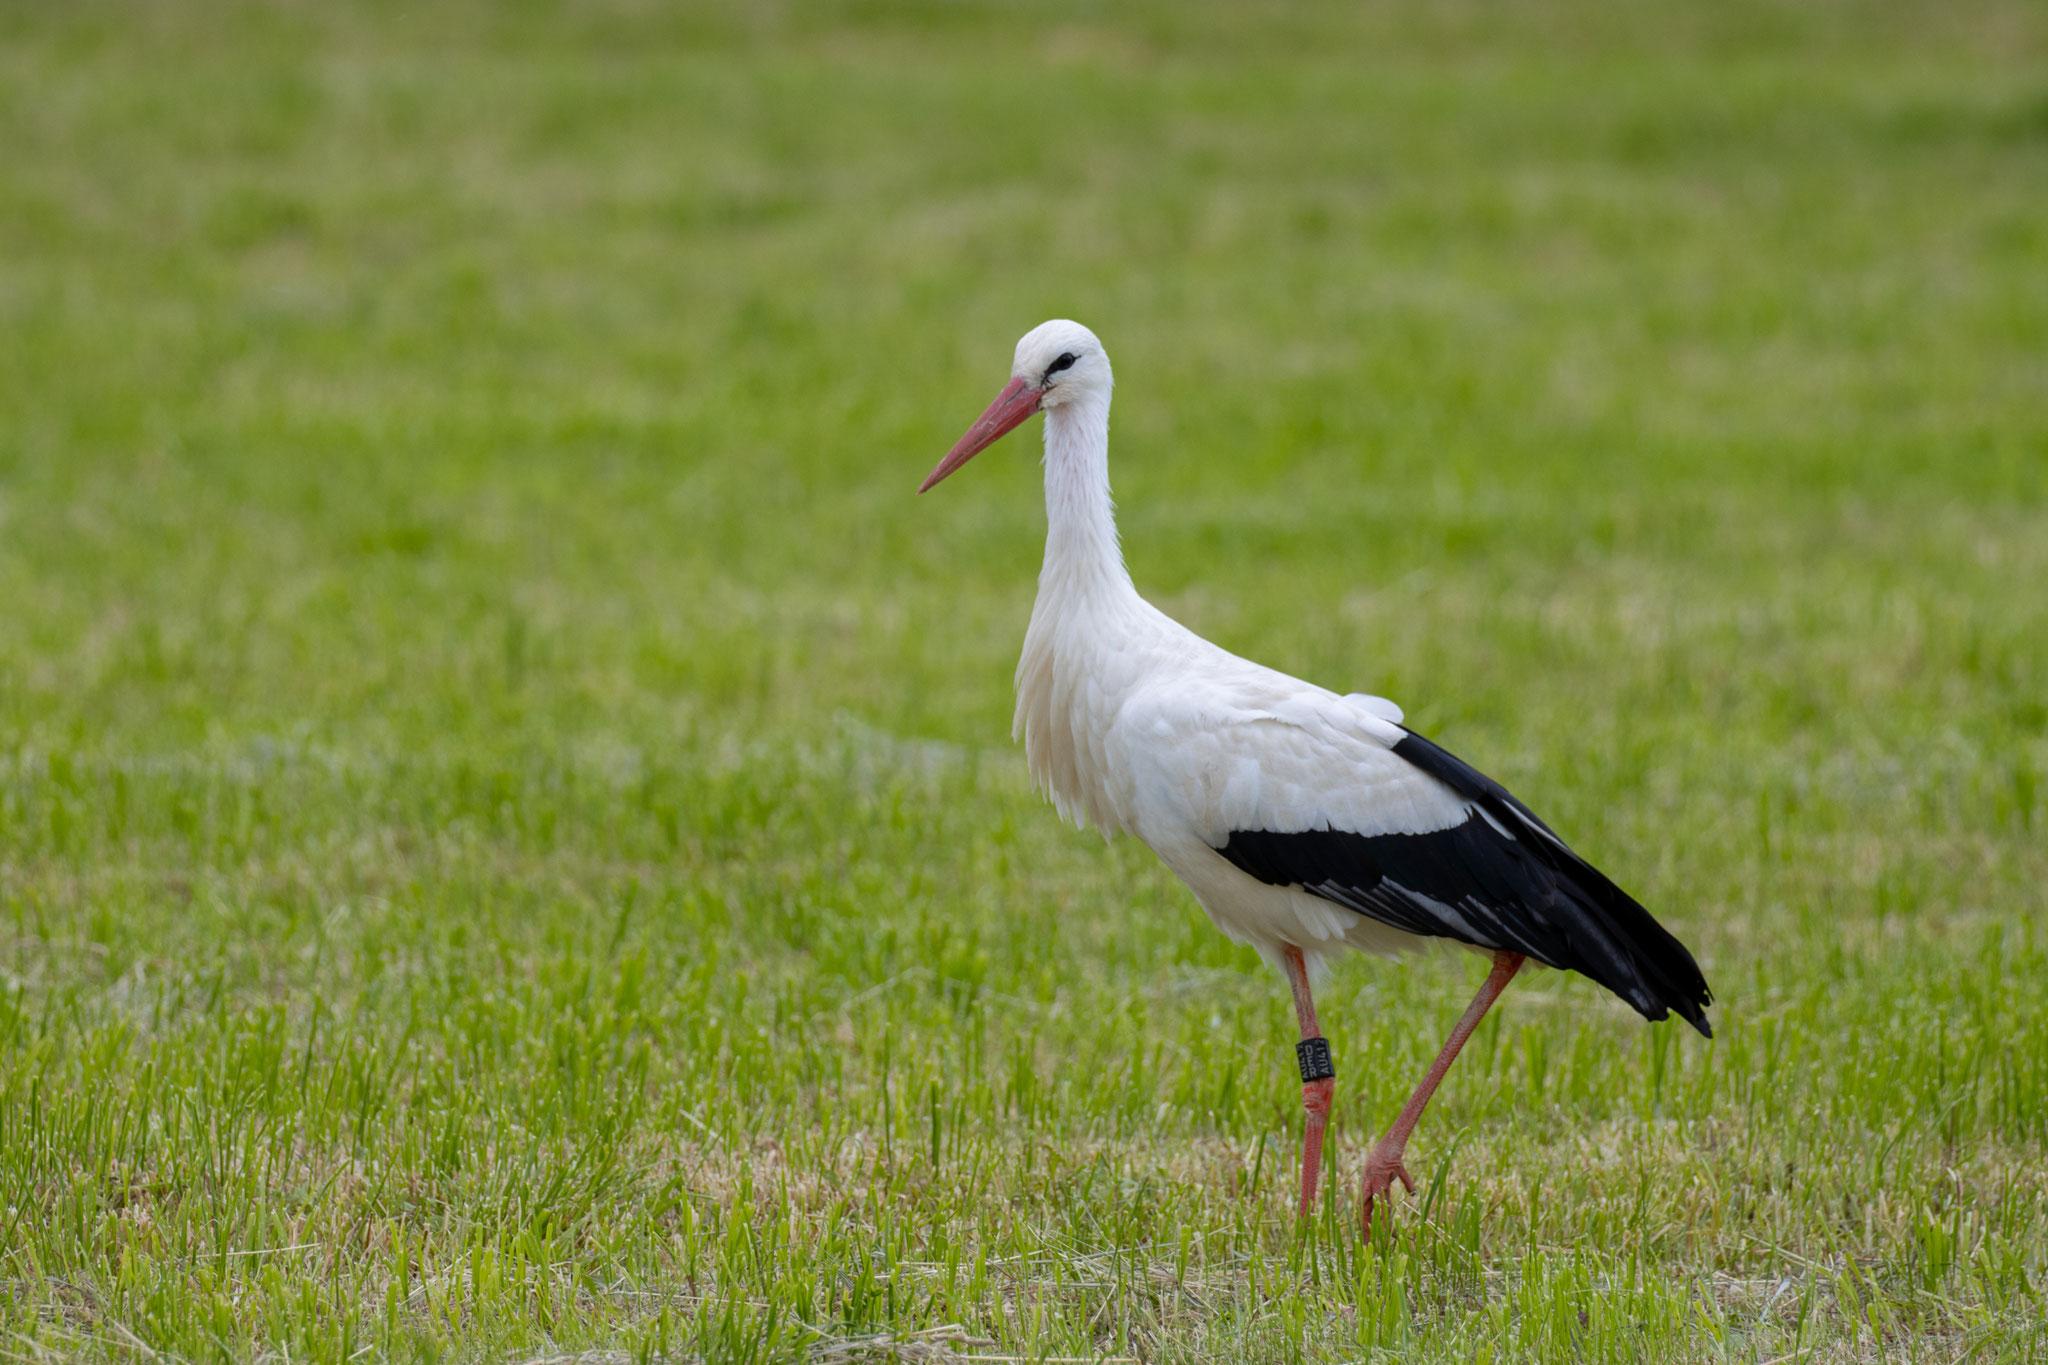 Storch auf Nahrungssuche im Wiesental am 03.06.21 (Foto: H. Budig)